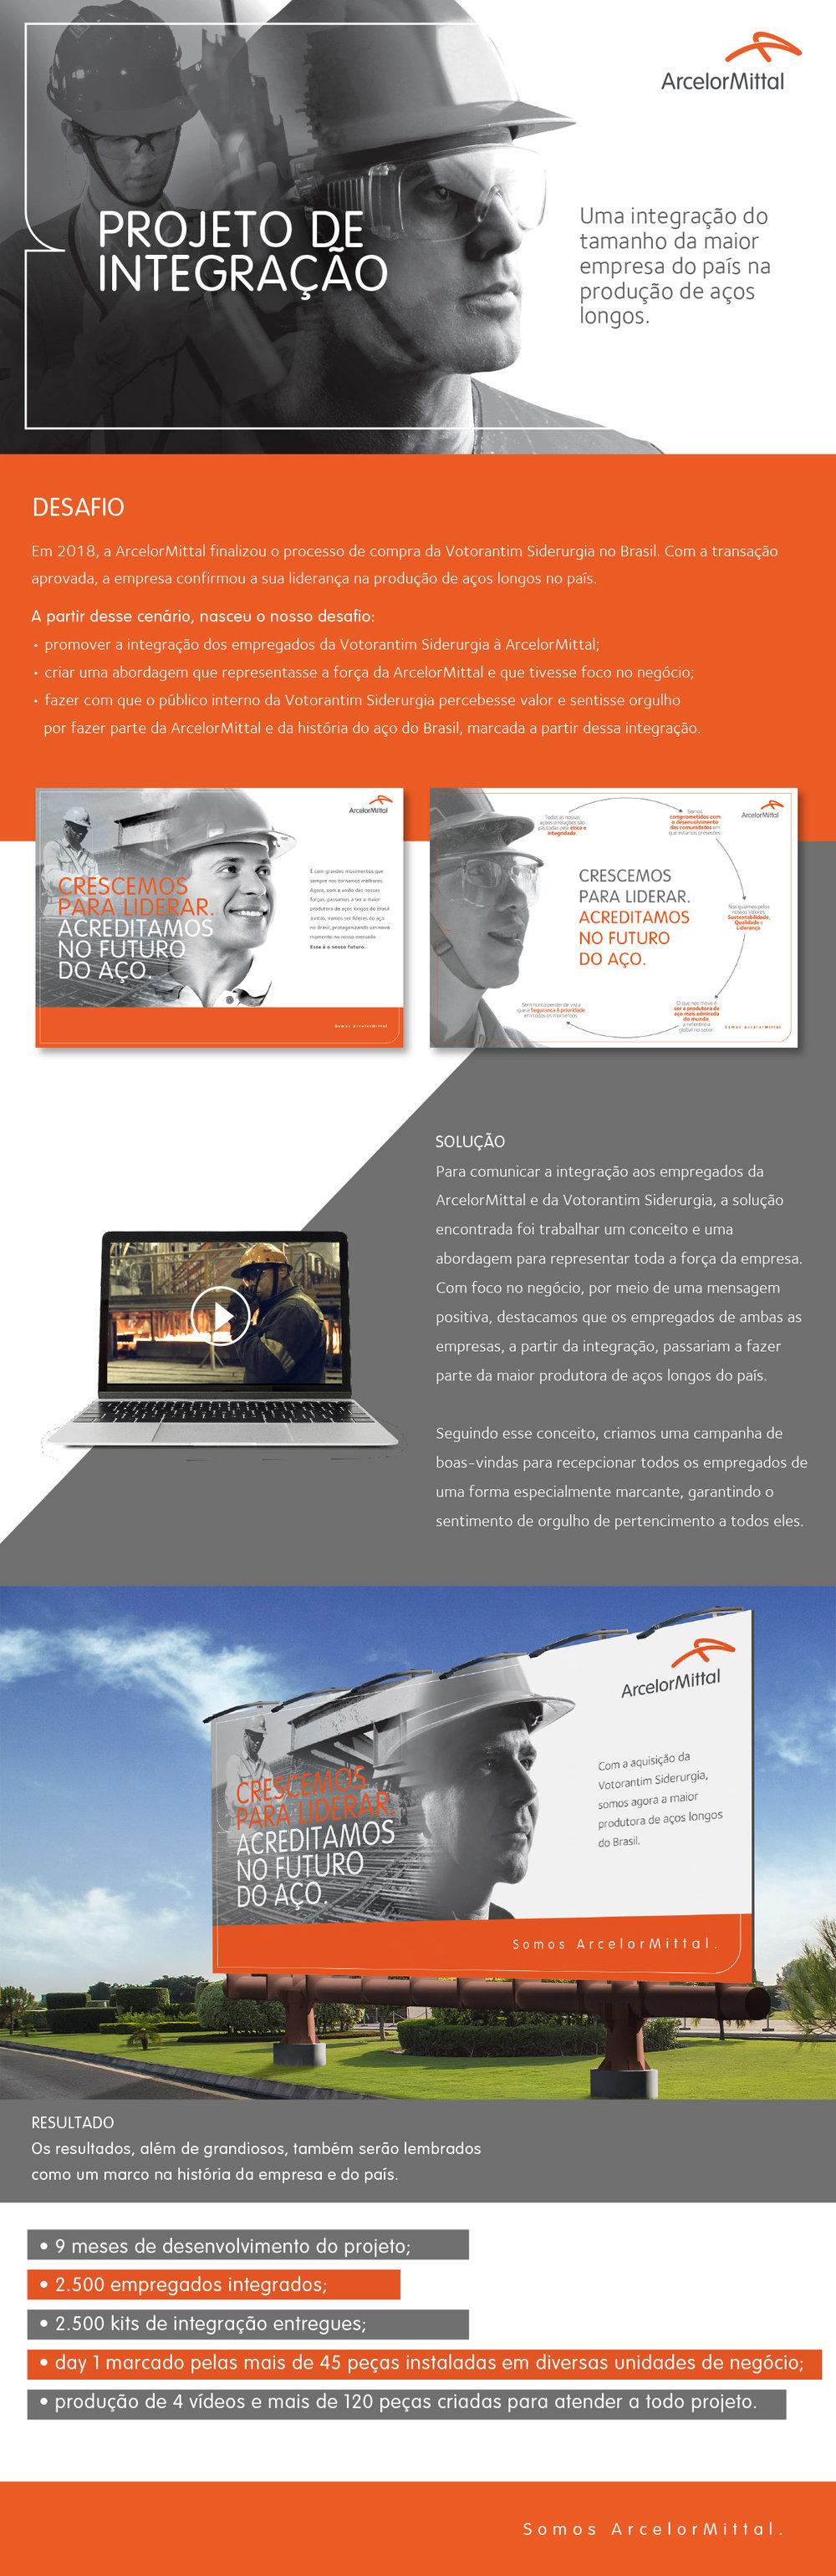 Case-Arcelor-1200x3700.jpg